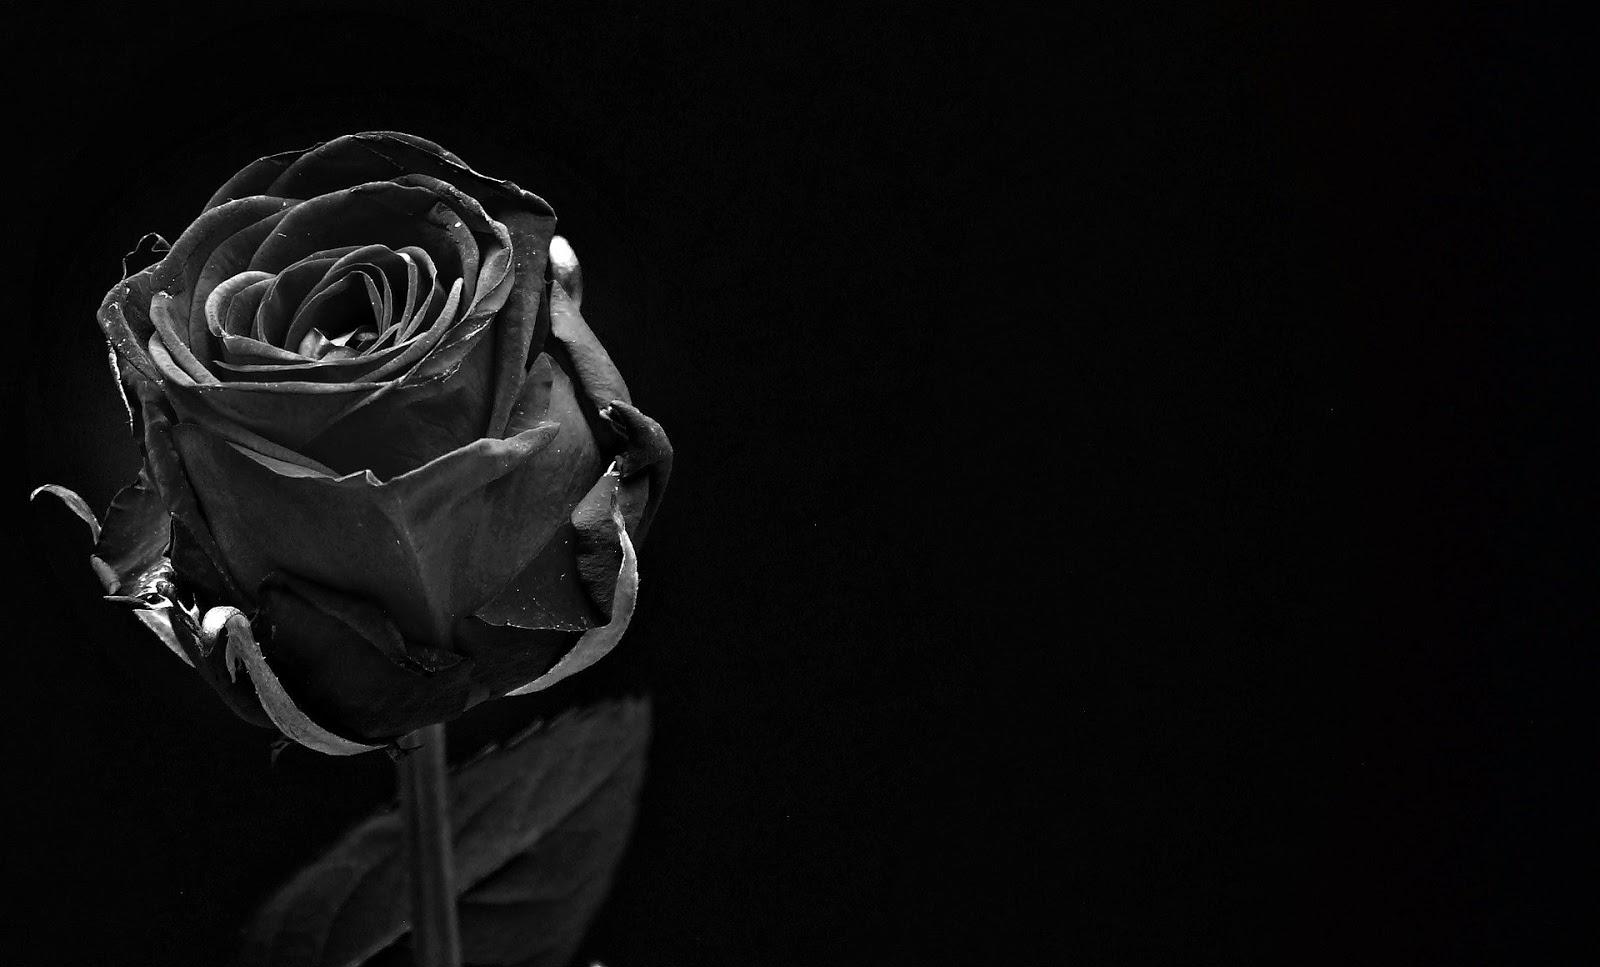 Gambar bunga mawar mawar hitam